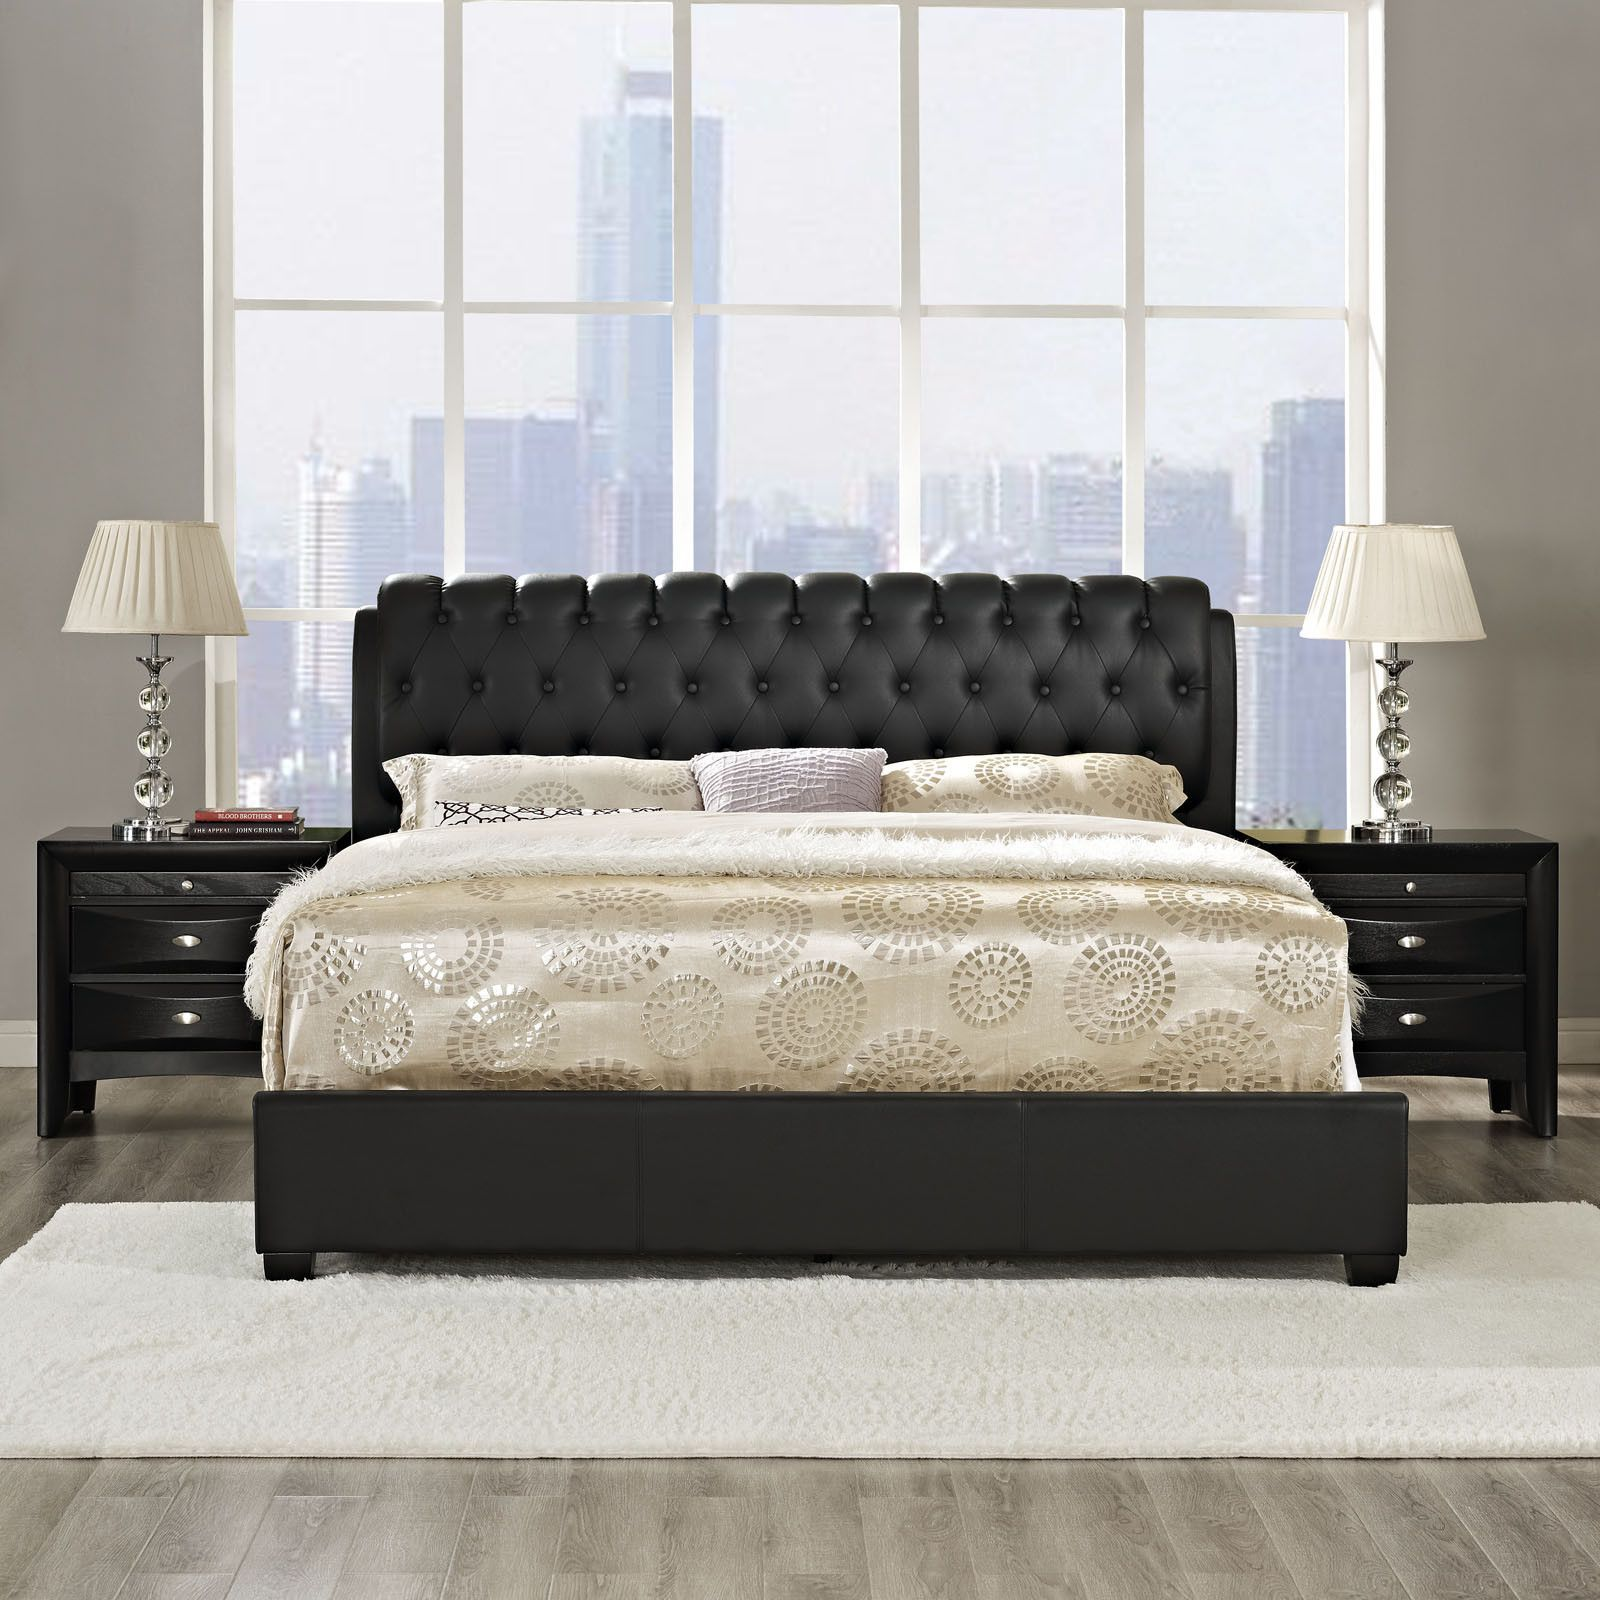 Francesca 3 Piece Queen Bedroom Set in Black | Bedroom Furniture ...